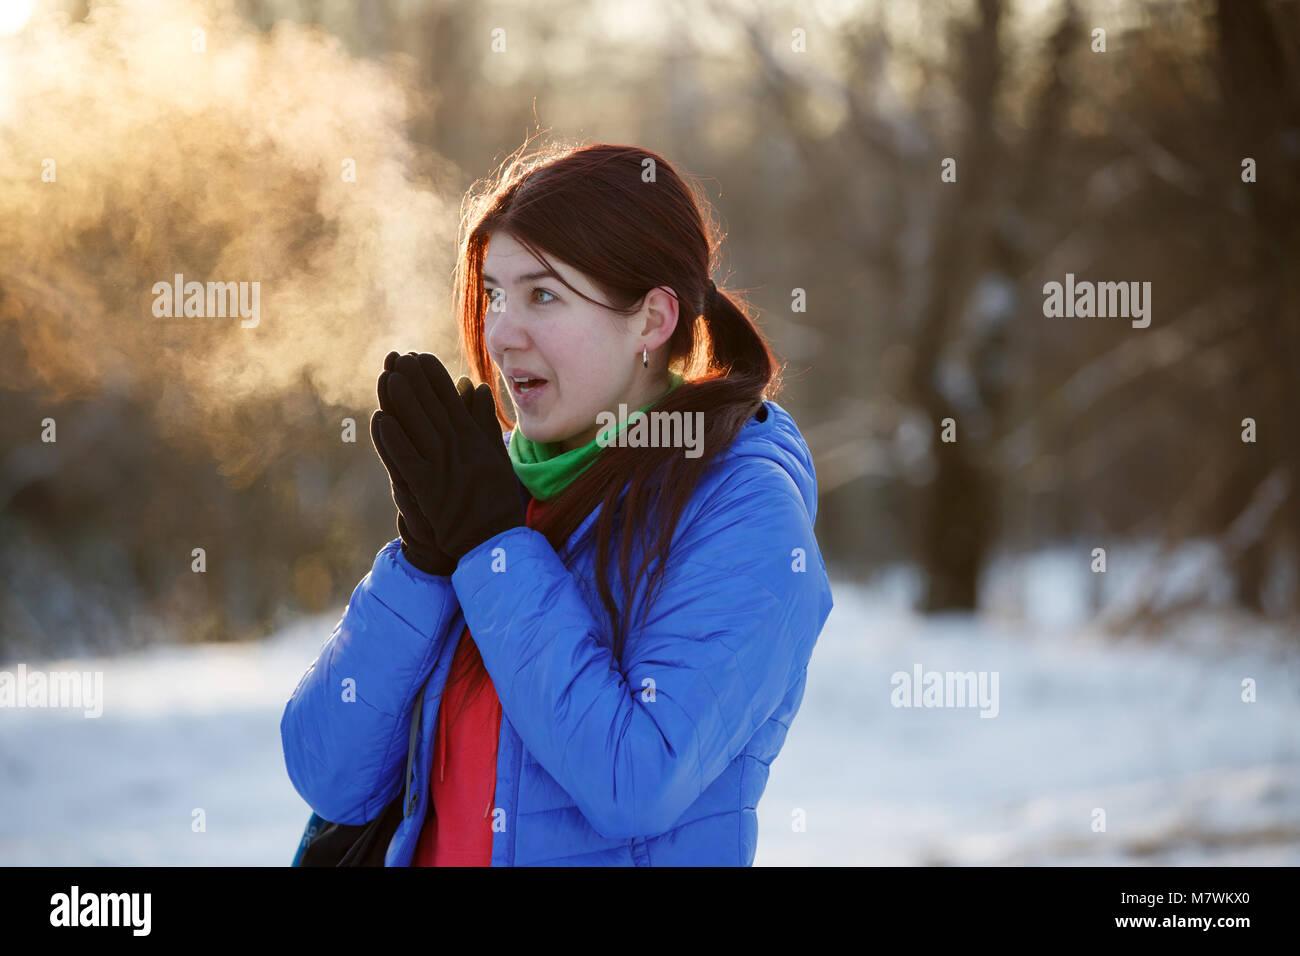 Bild von sportliche Frau die Hände wärmen im Winter Wald Stockbild